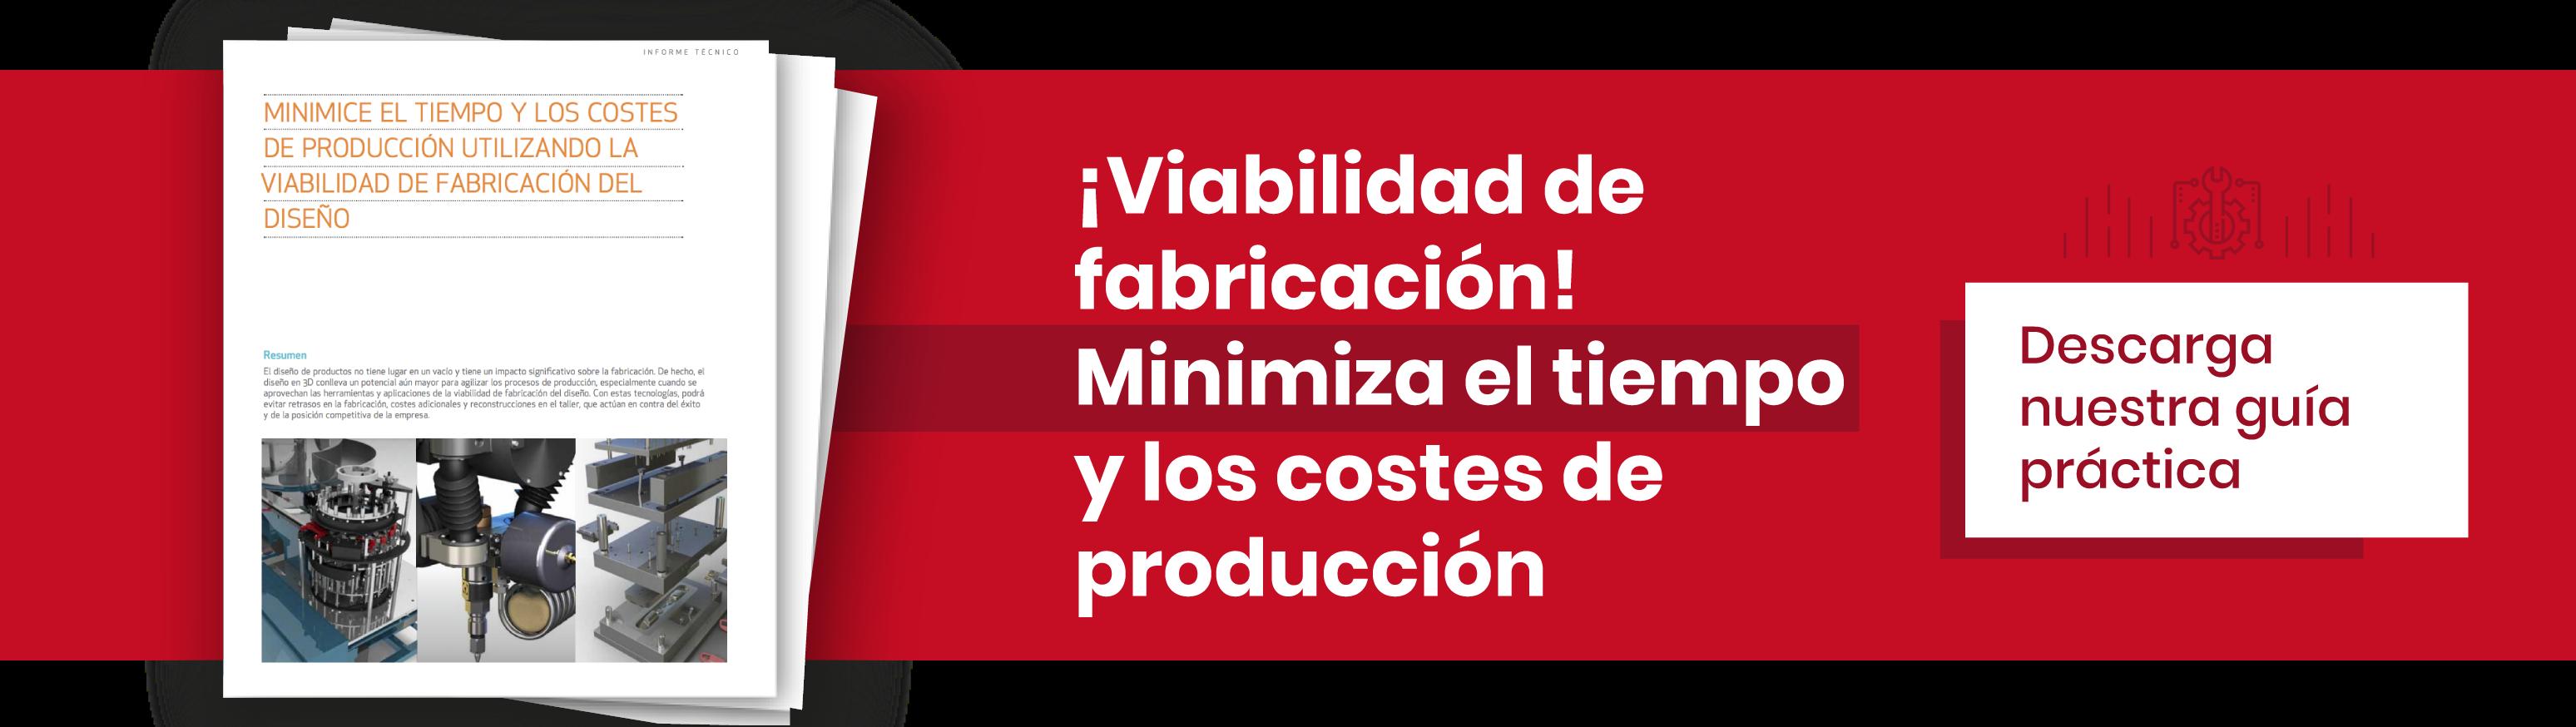 ¡Viabilidad de fabricación! Minimiza el tiempo y los costes de producción